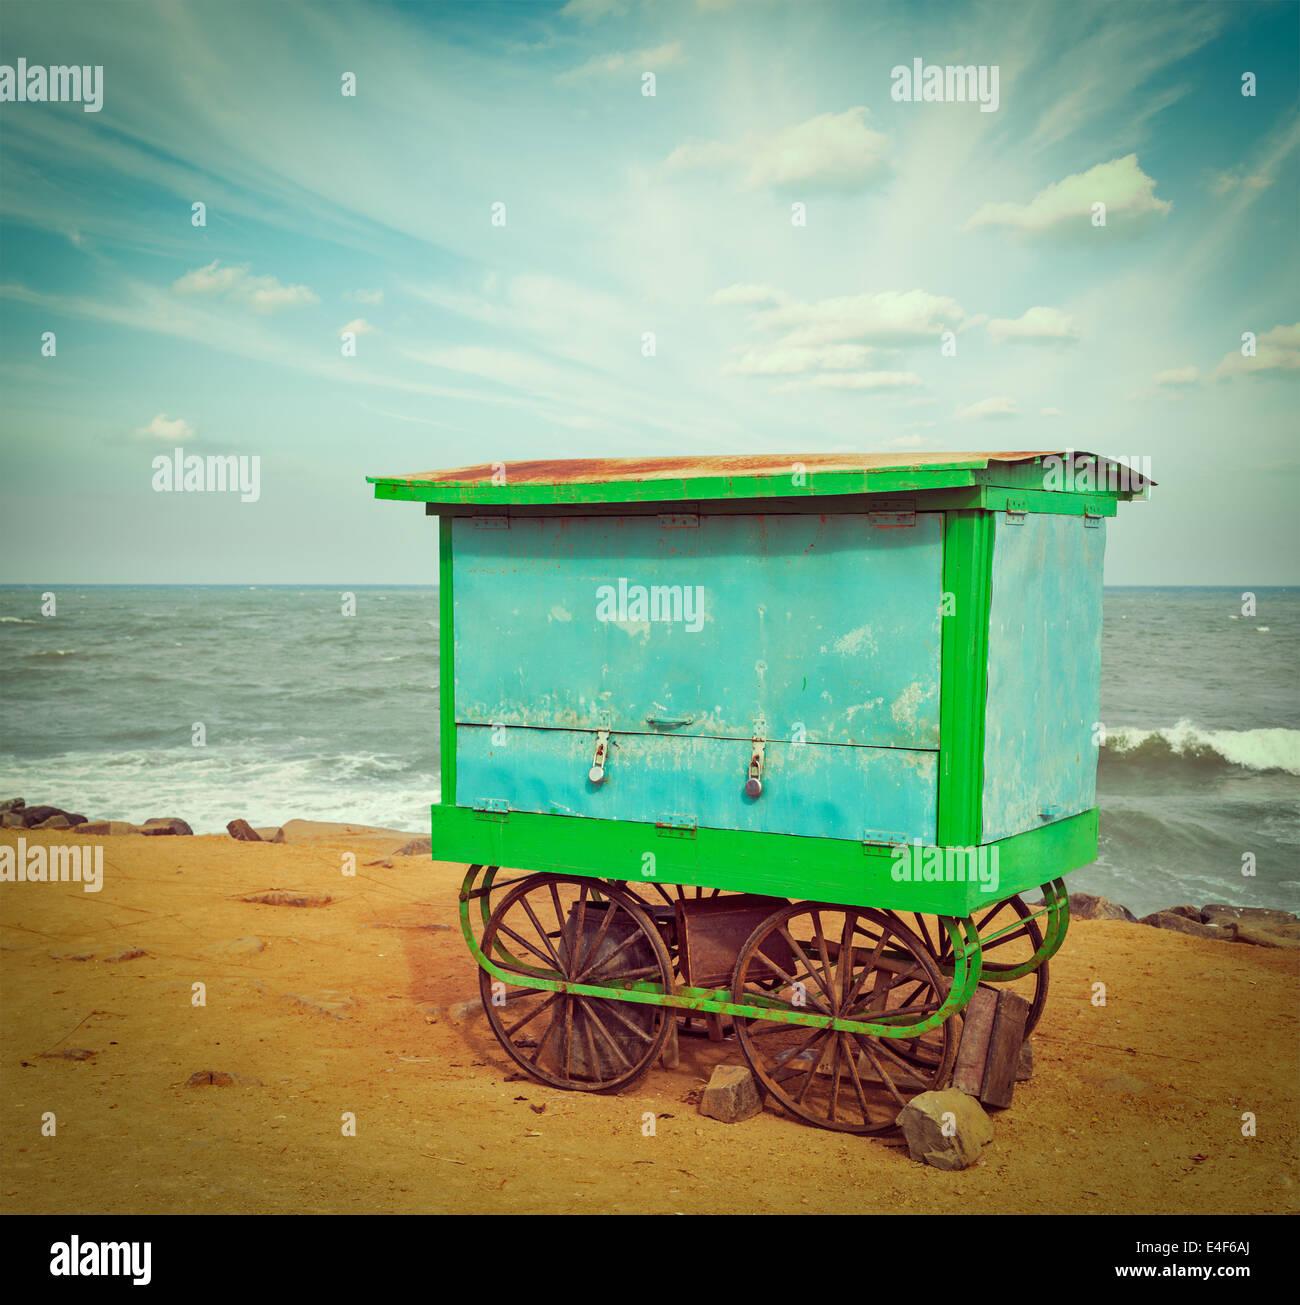 Retro Vintage style hipster image de voyage panier sur la plage. Tamil Nadu, Inde Banque D'Images